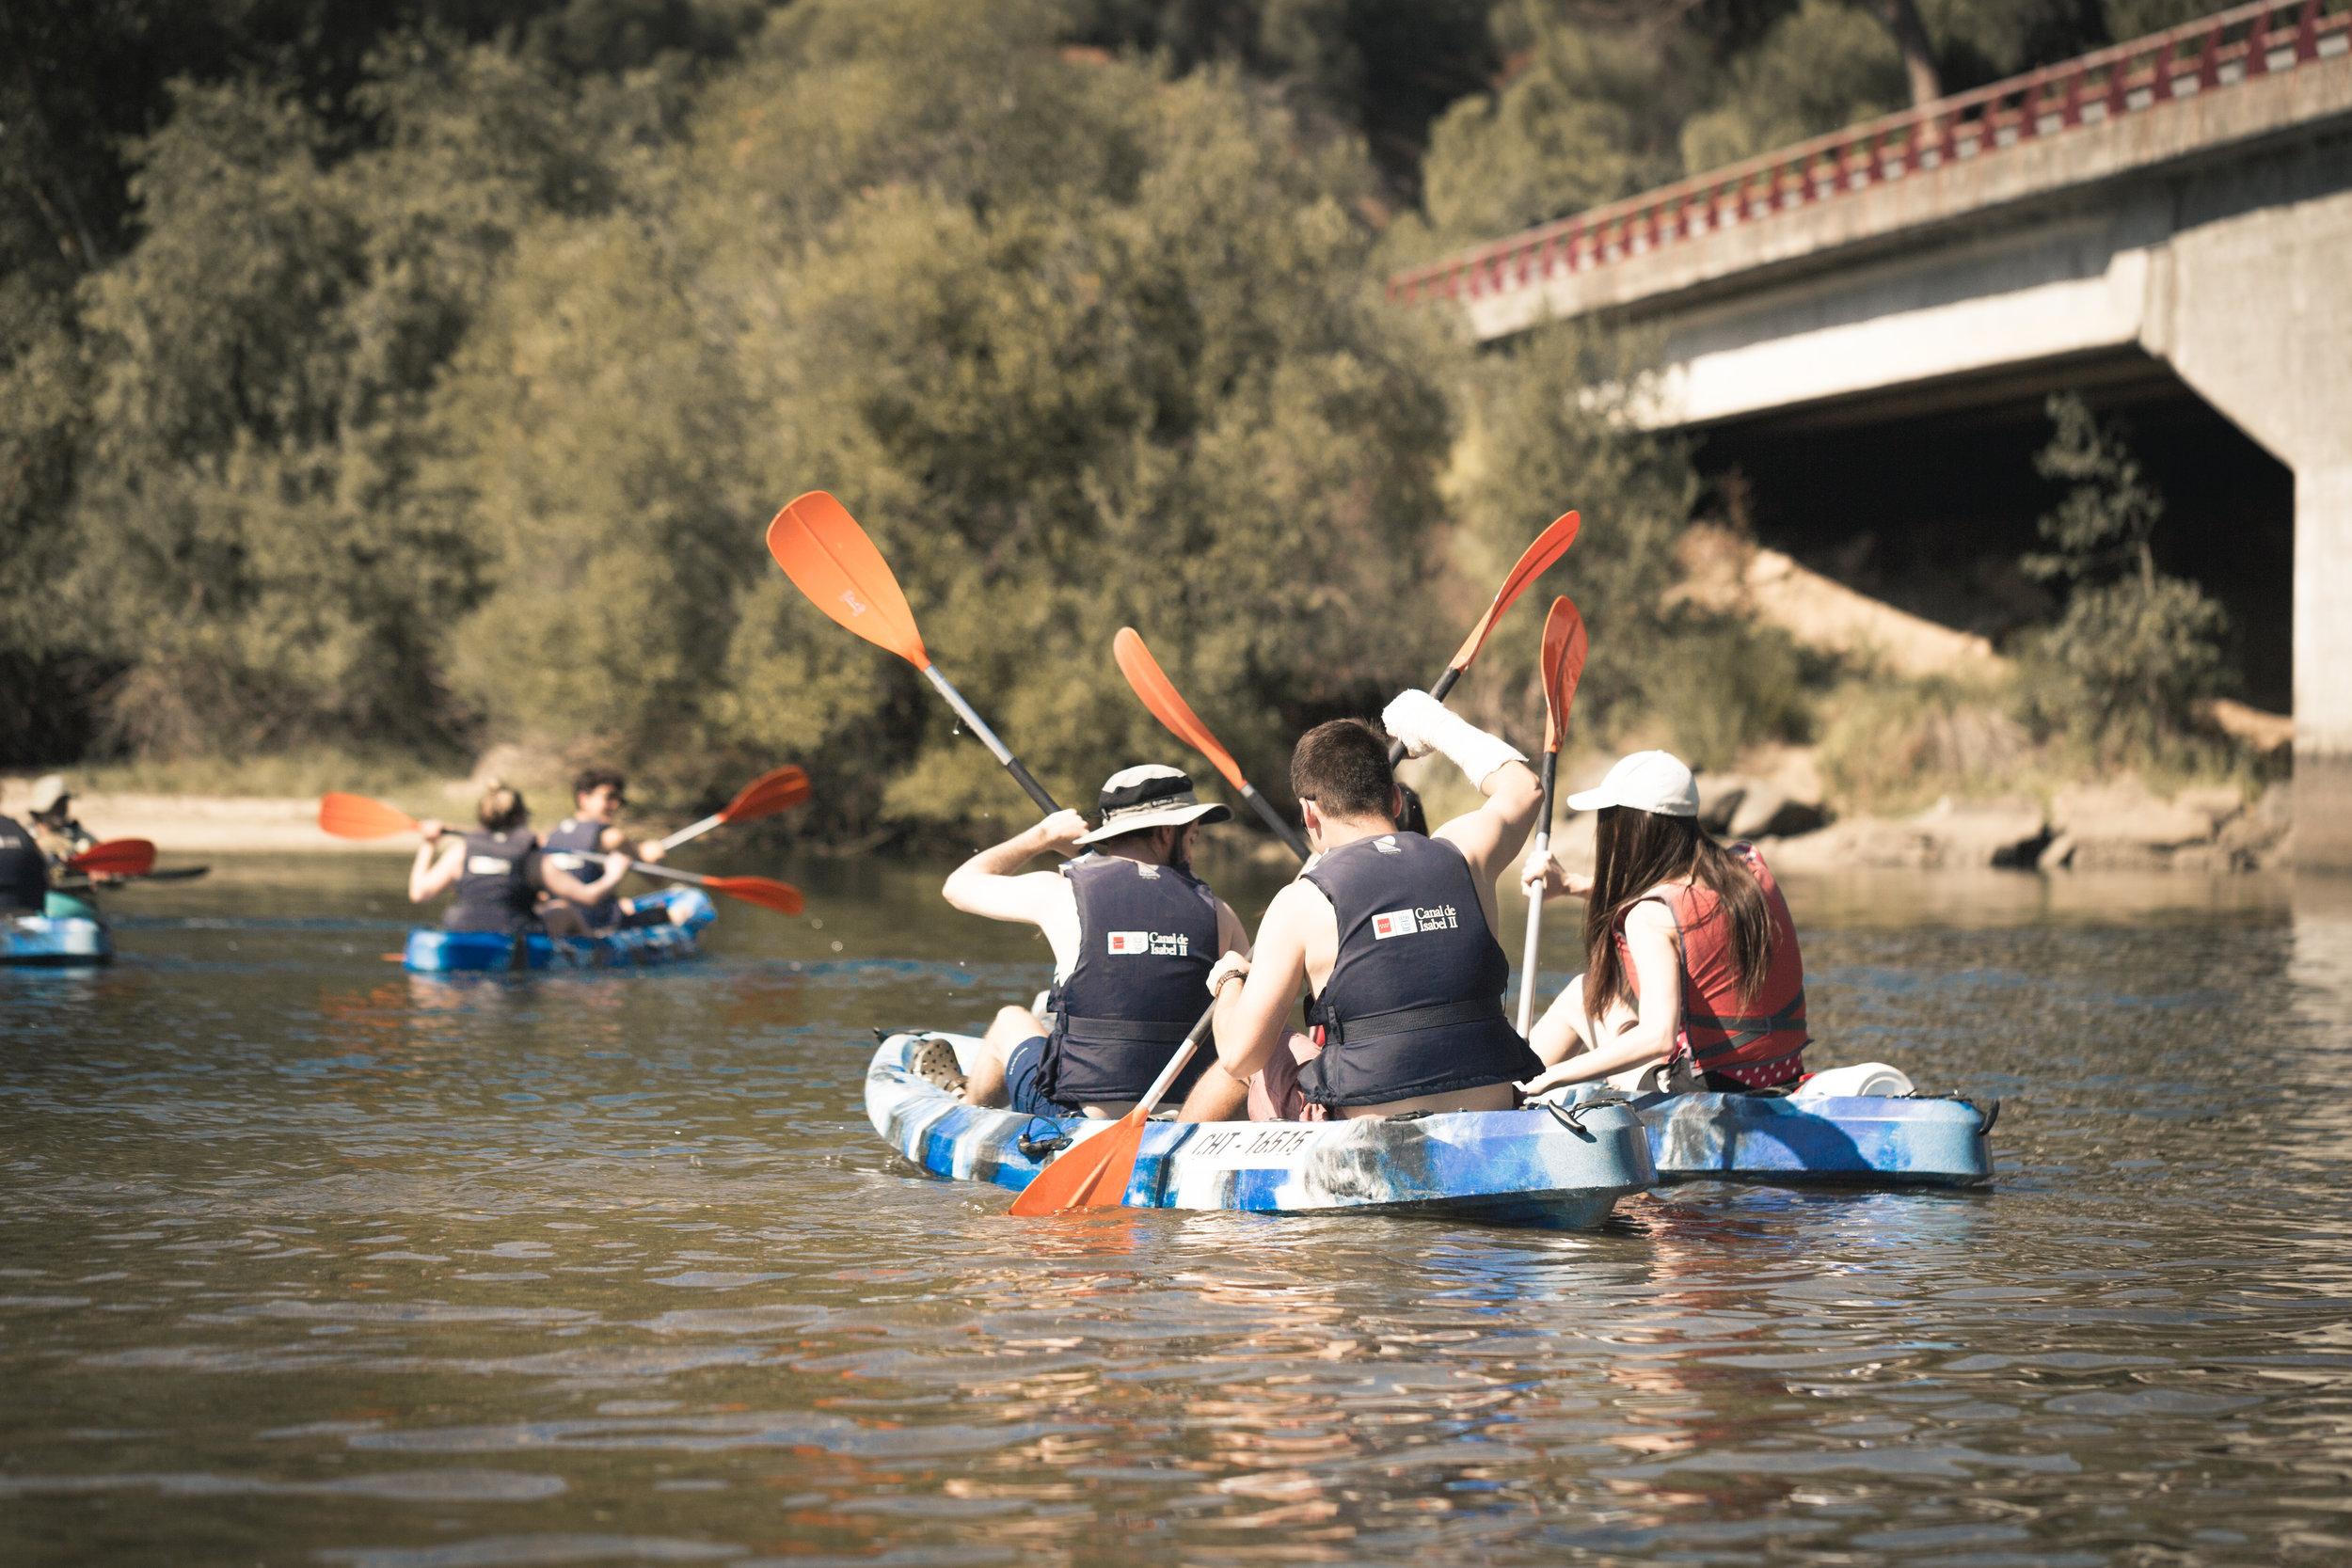 Fellows go kayaking at the Pantano San Juan, a popular lake destination just outside Madrid.